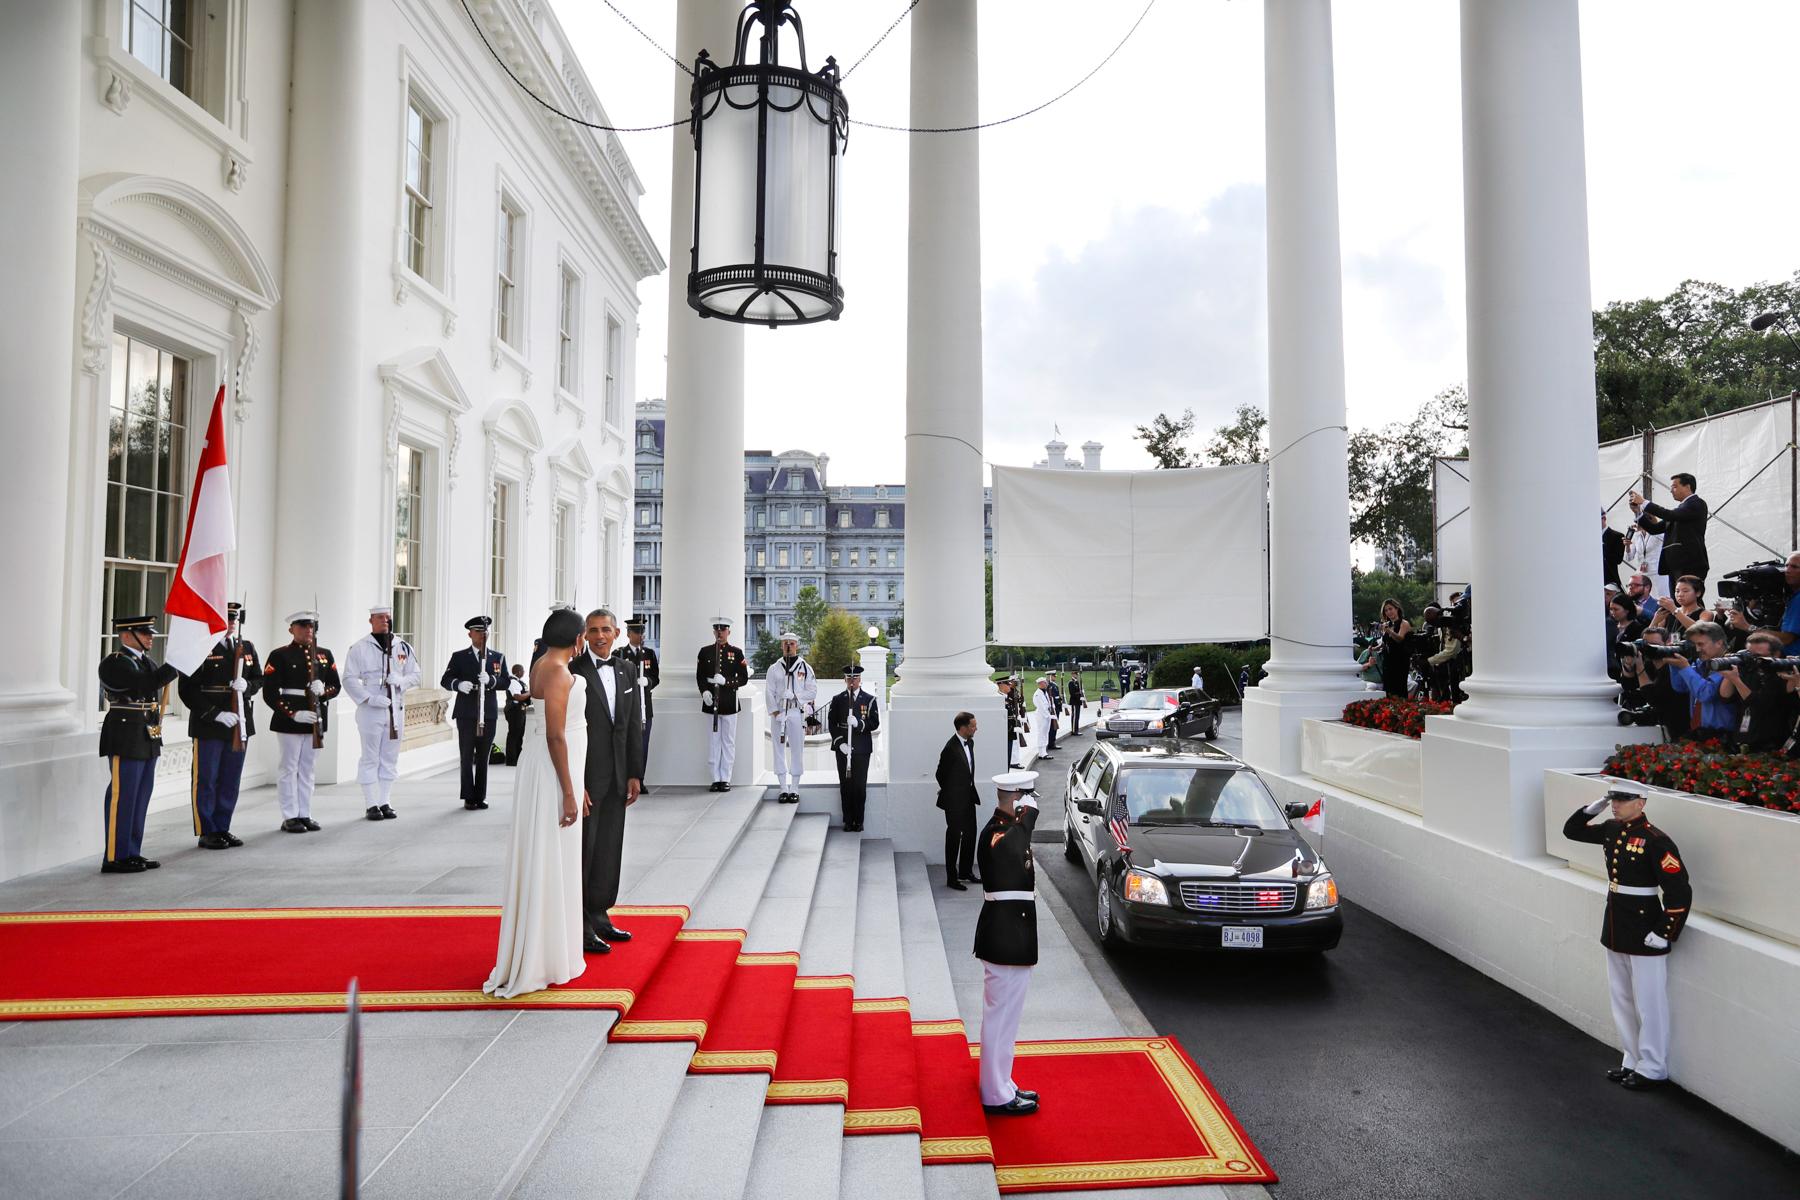 El presidente Obama y Michelle Obama, parados en la alfombra roja frente a la escalinata de entrada de la Casa Blanca, a la llegada de un auto (© AP Images)